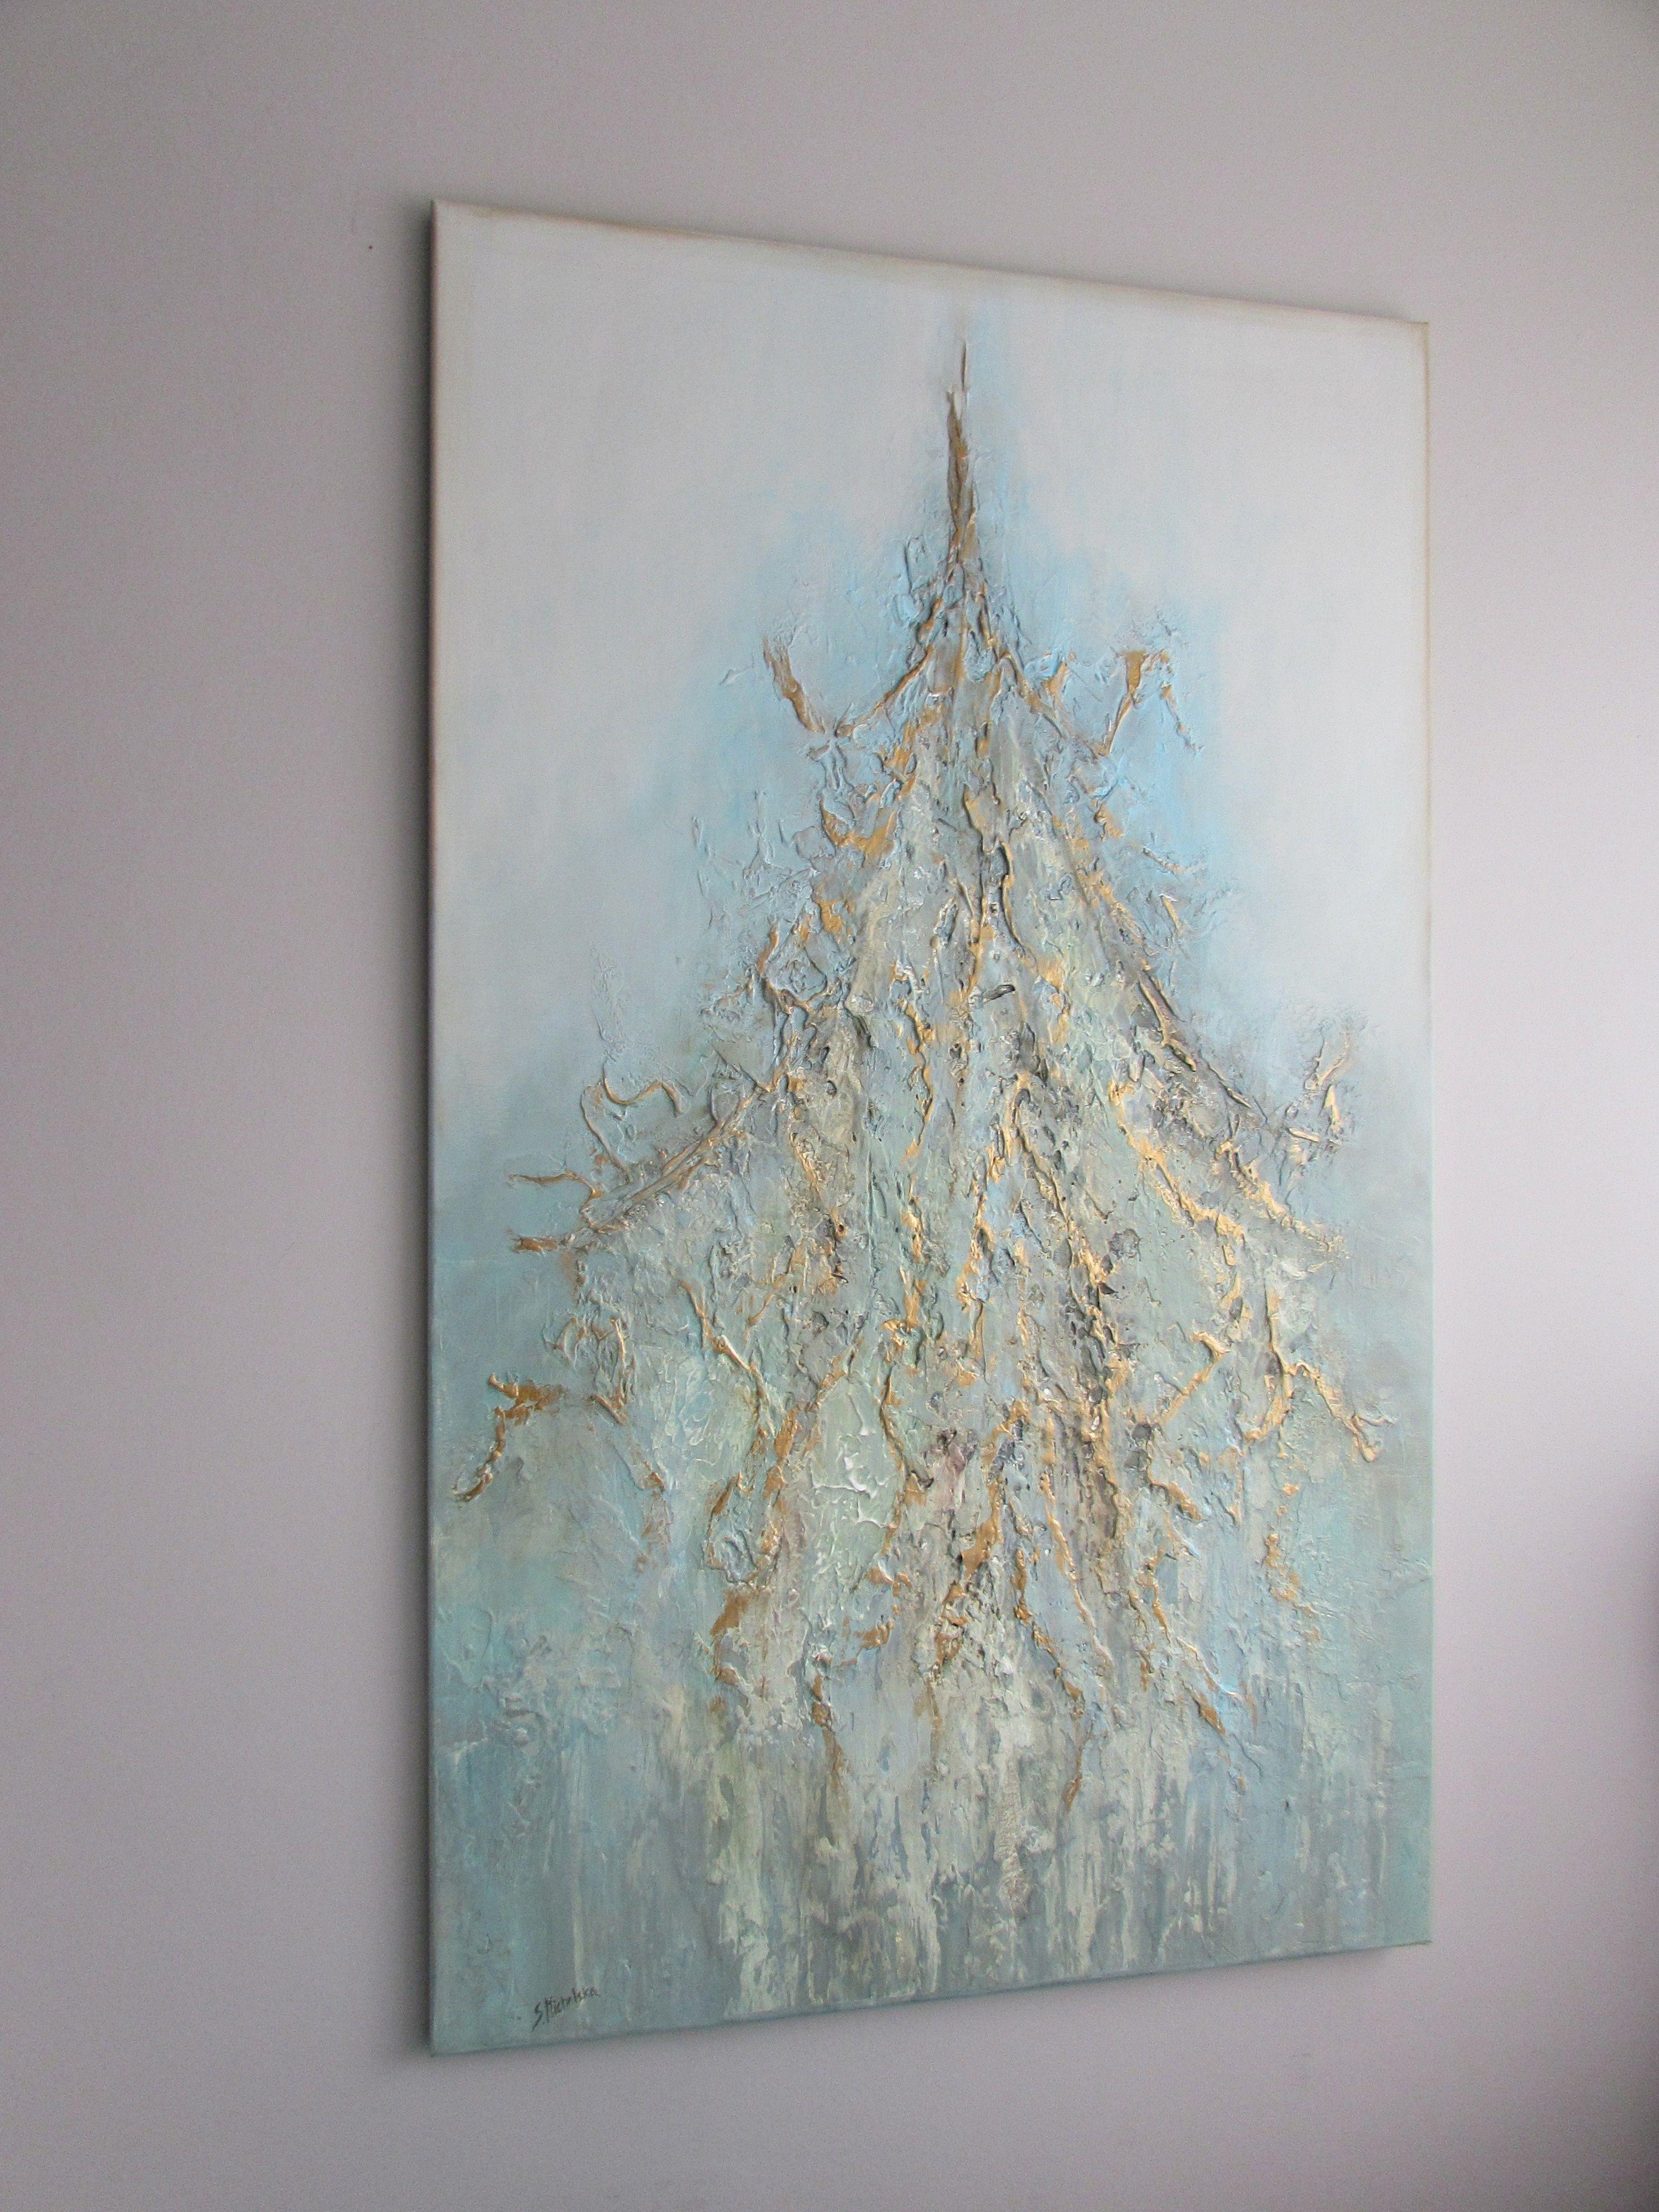 Złoto w obrazach - malarstwo strukturalne Sylwia Michalska